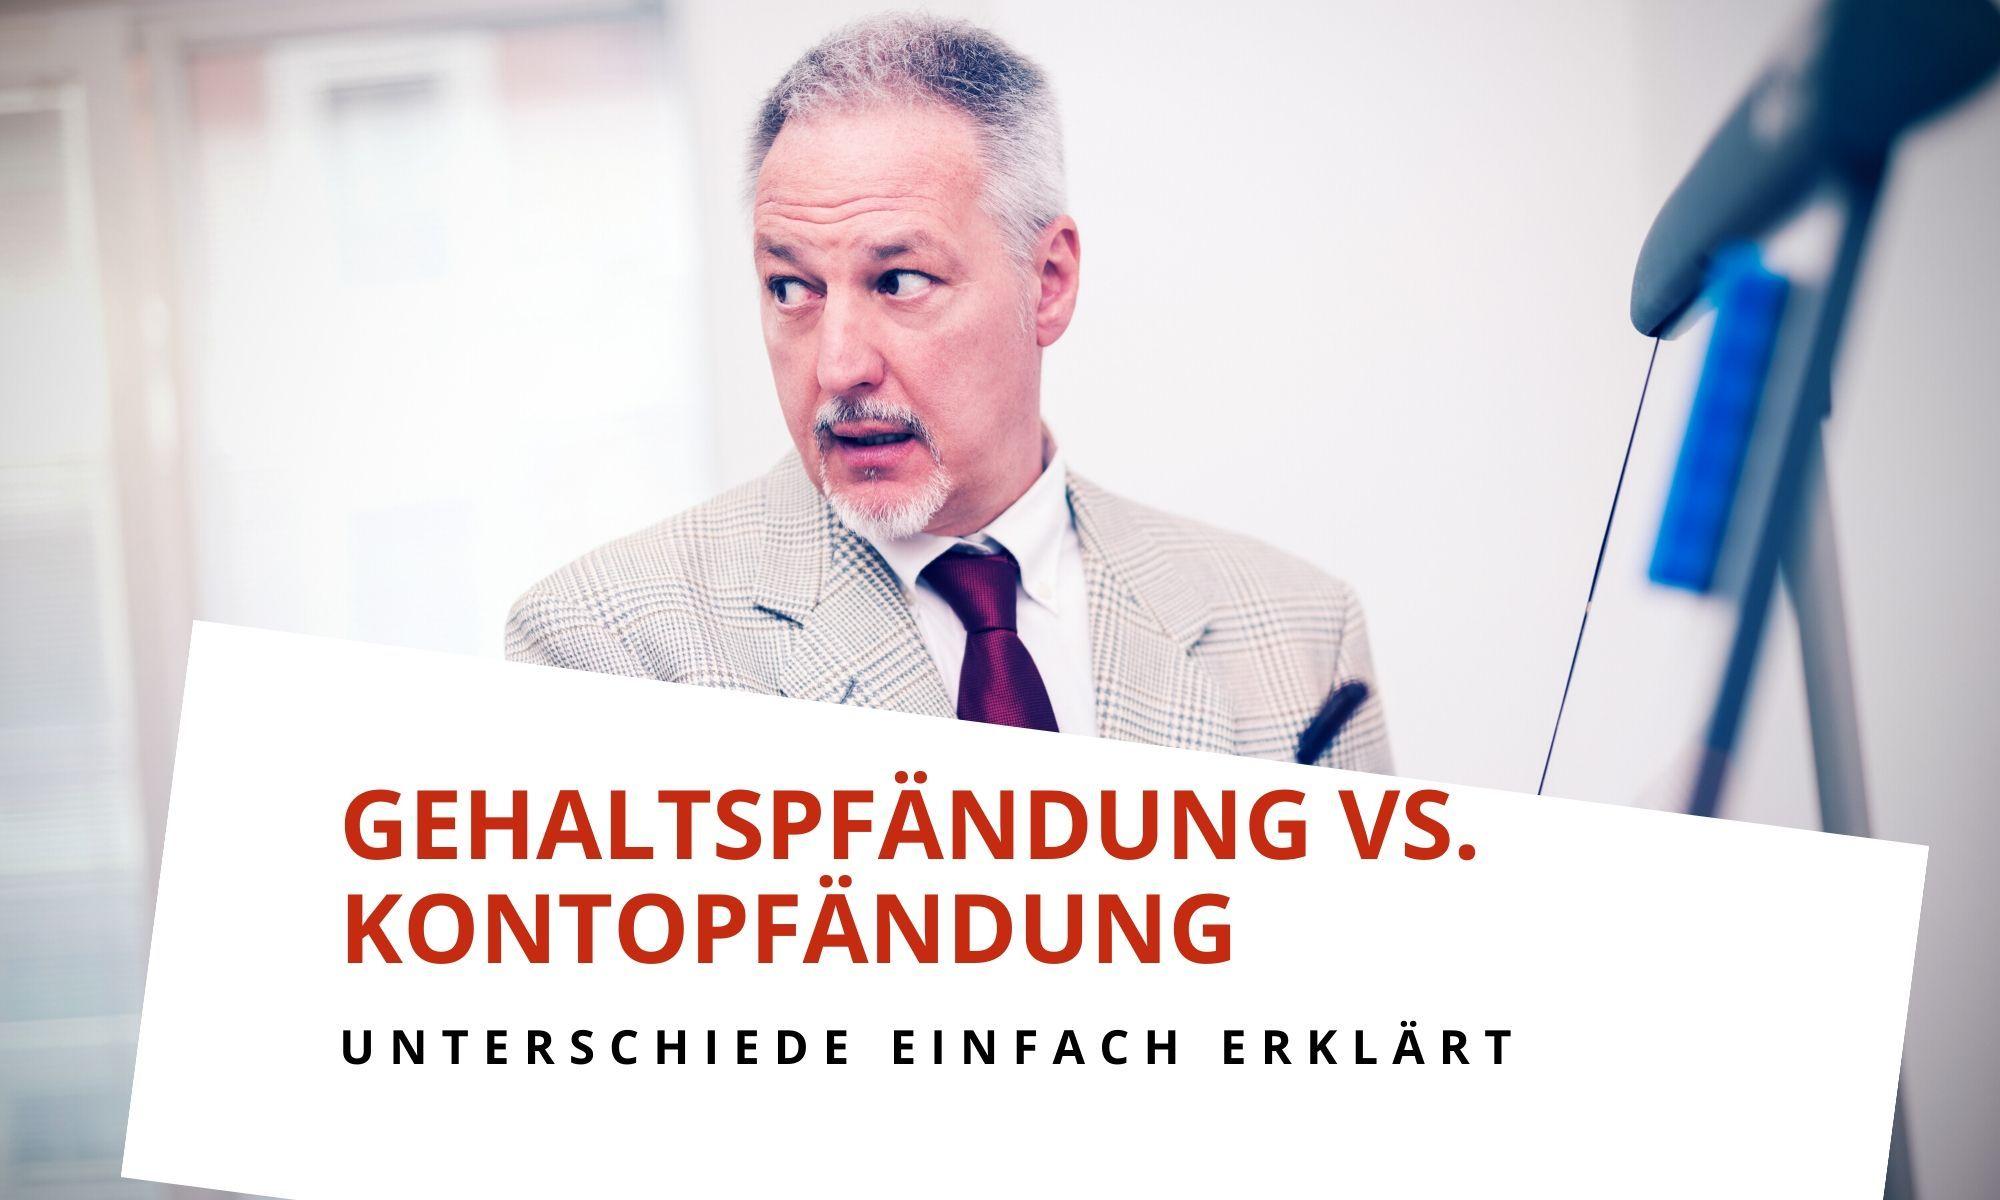 Kontopfändung vs. Lohnpfändung - was ist der Unterschied